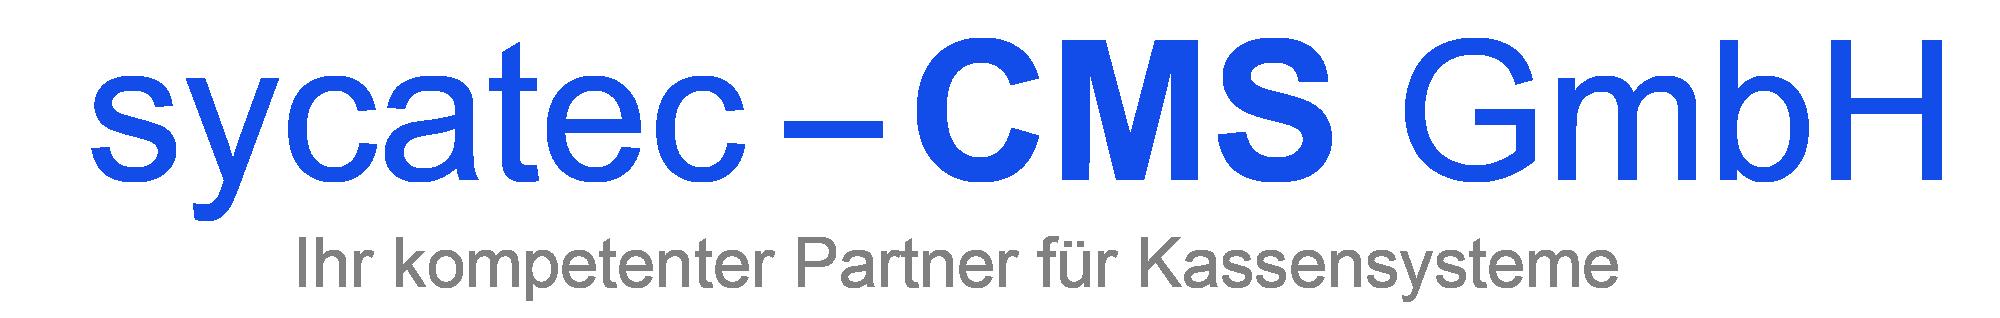 sycatec-CMS GmbH